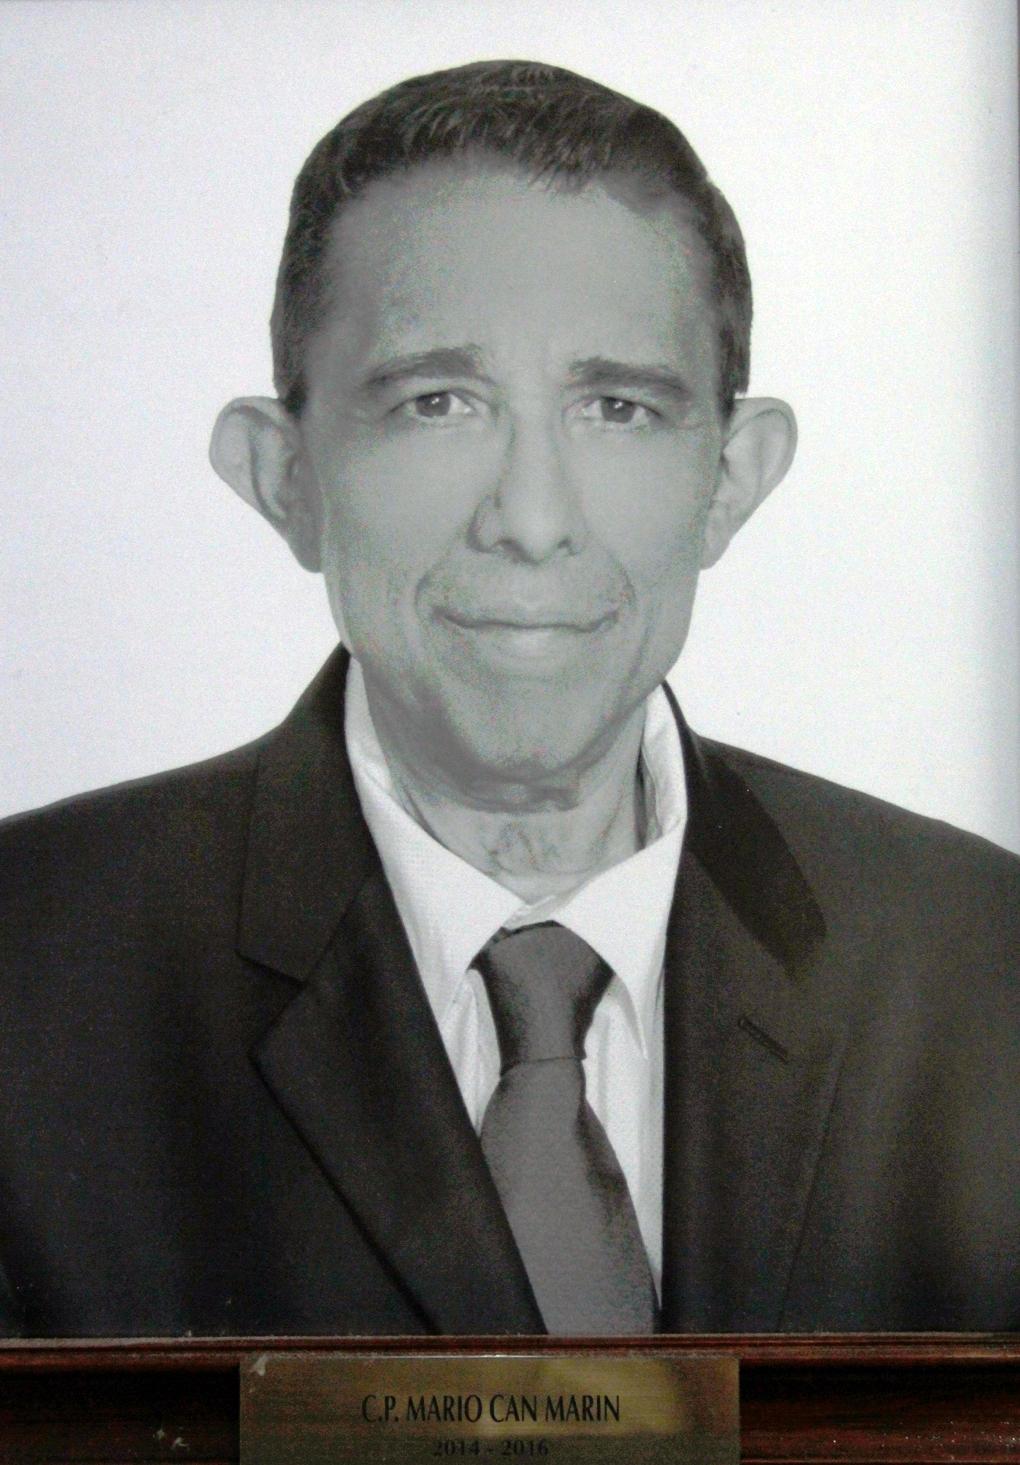 EMPRESARIO DISTINGUIDO C.P. MARIO CAN MARIN